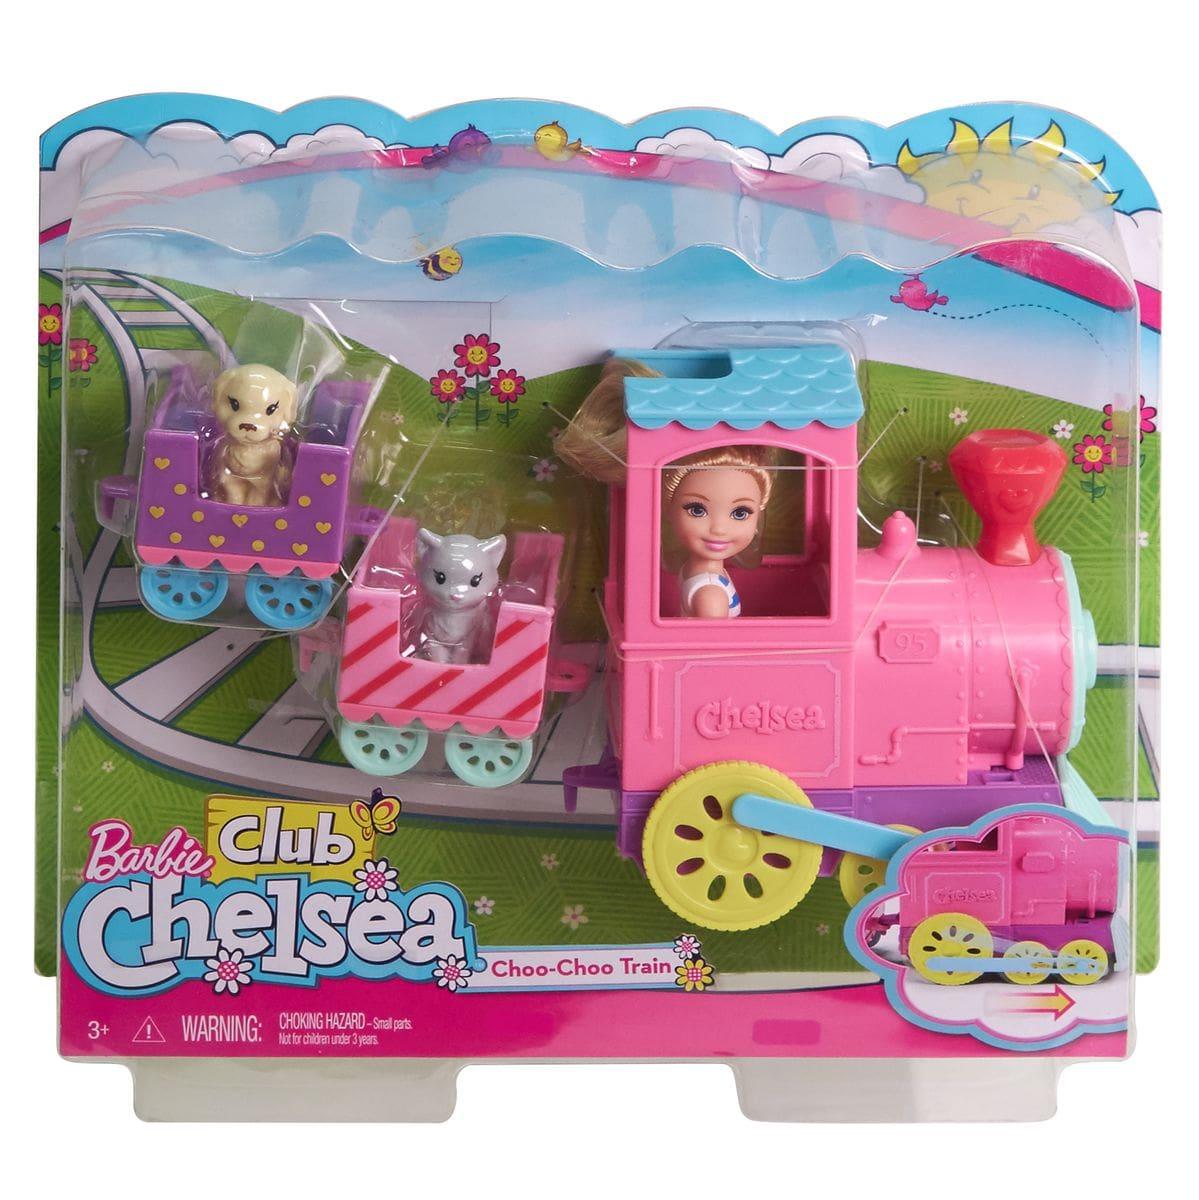 Chelsea Choo-Choo Train Spielzeug